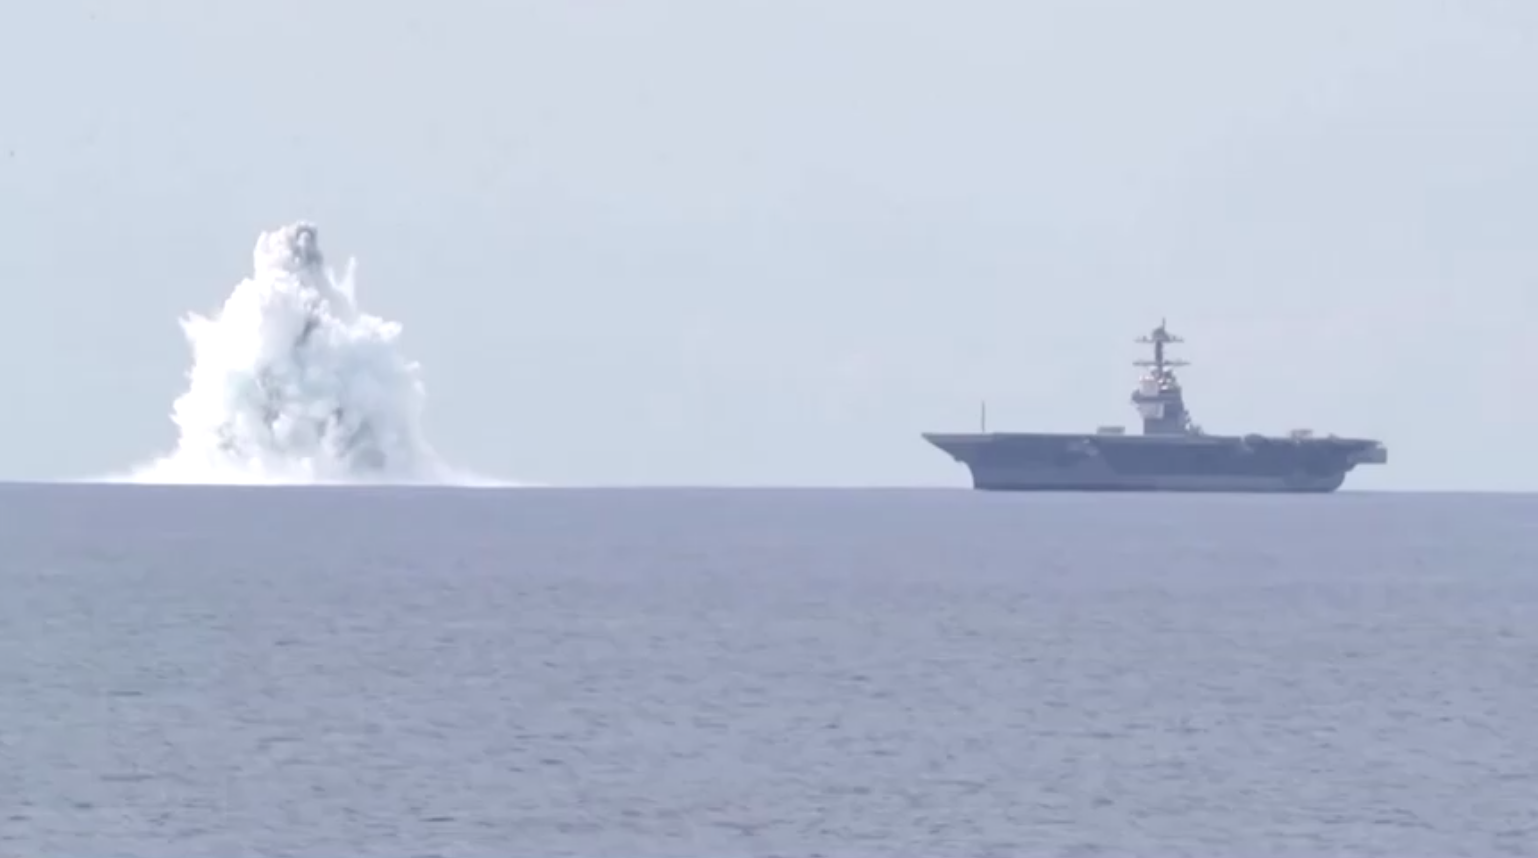 Hải Quân Hoa Kỳ thử nghiệm sức chịu đựng của hàng không mẫu hạm